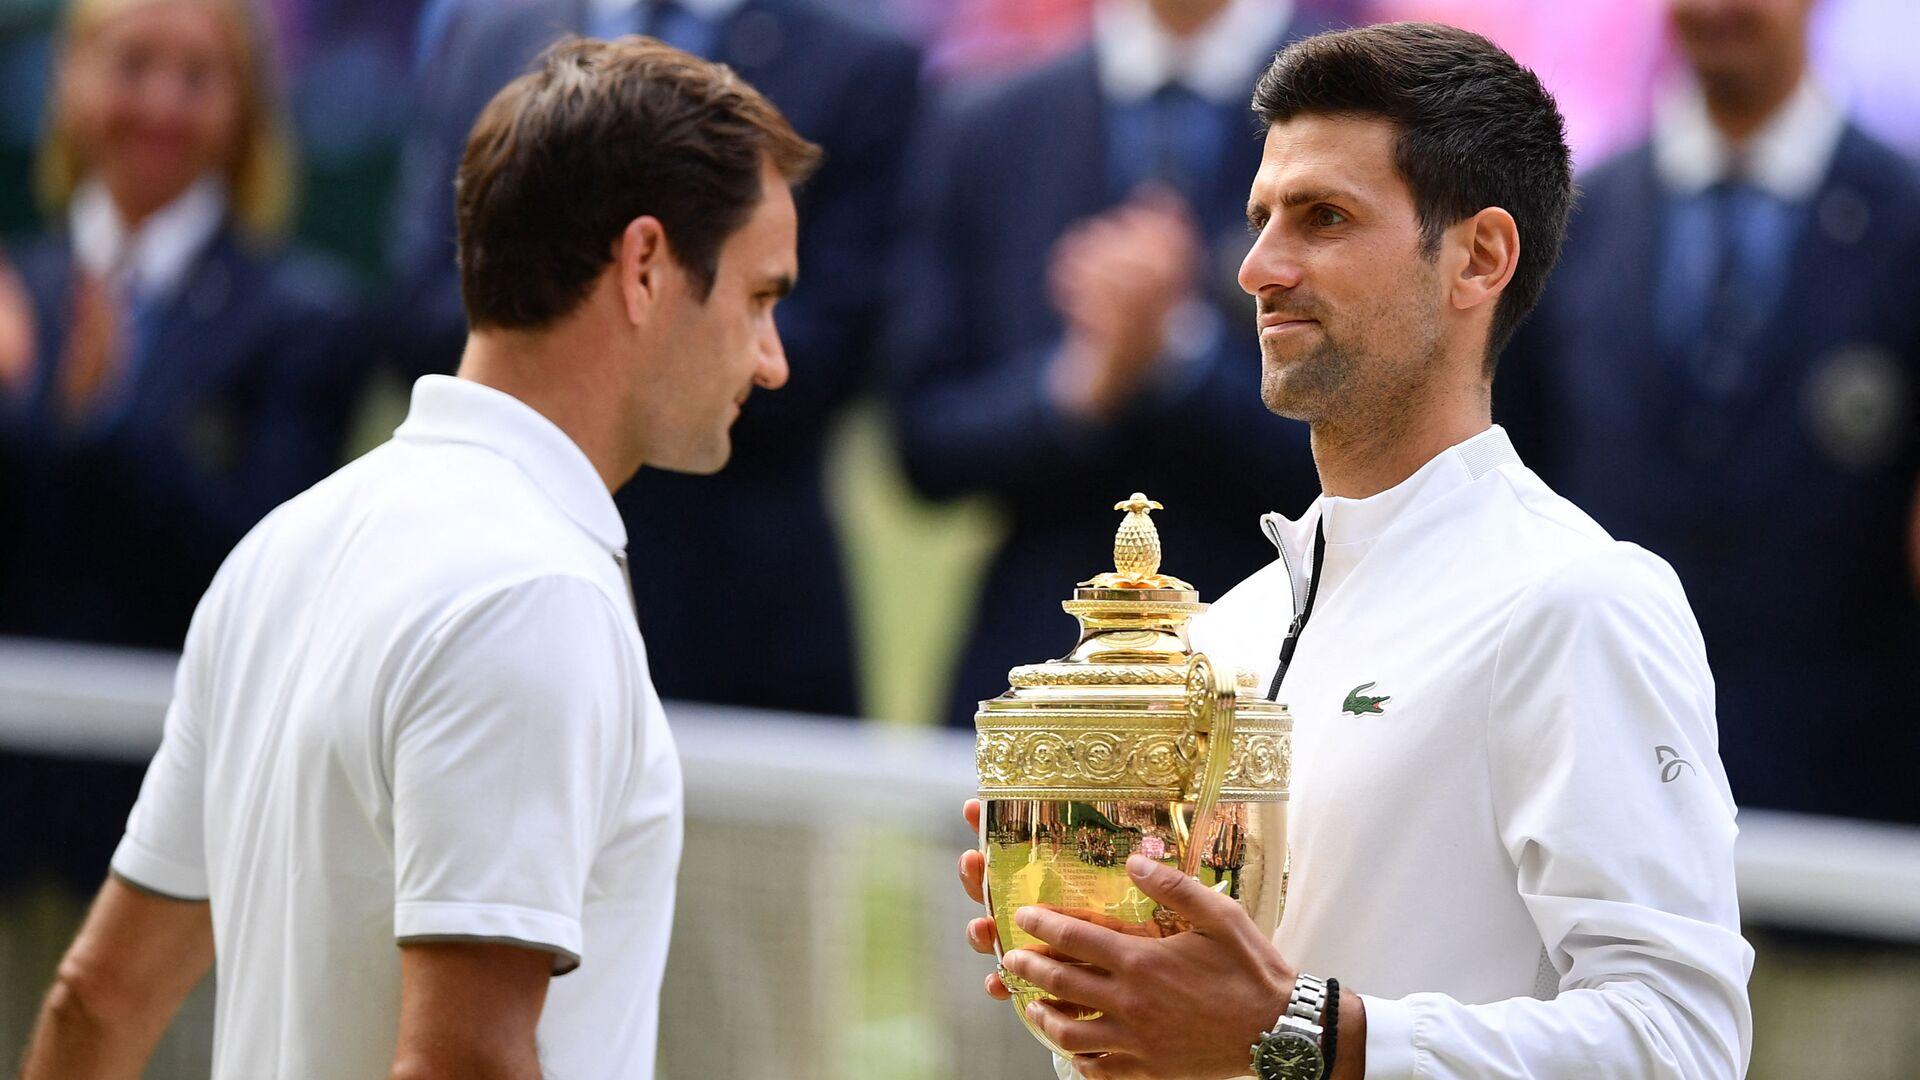 Rodžer Federer i Novak Đoković posle finala Vimbldona 2019. godine - Sputnik Srbija, 1920, 11.07.2021